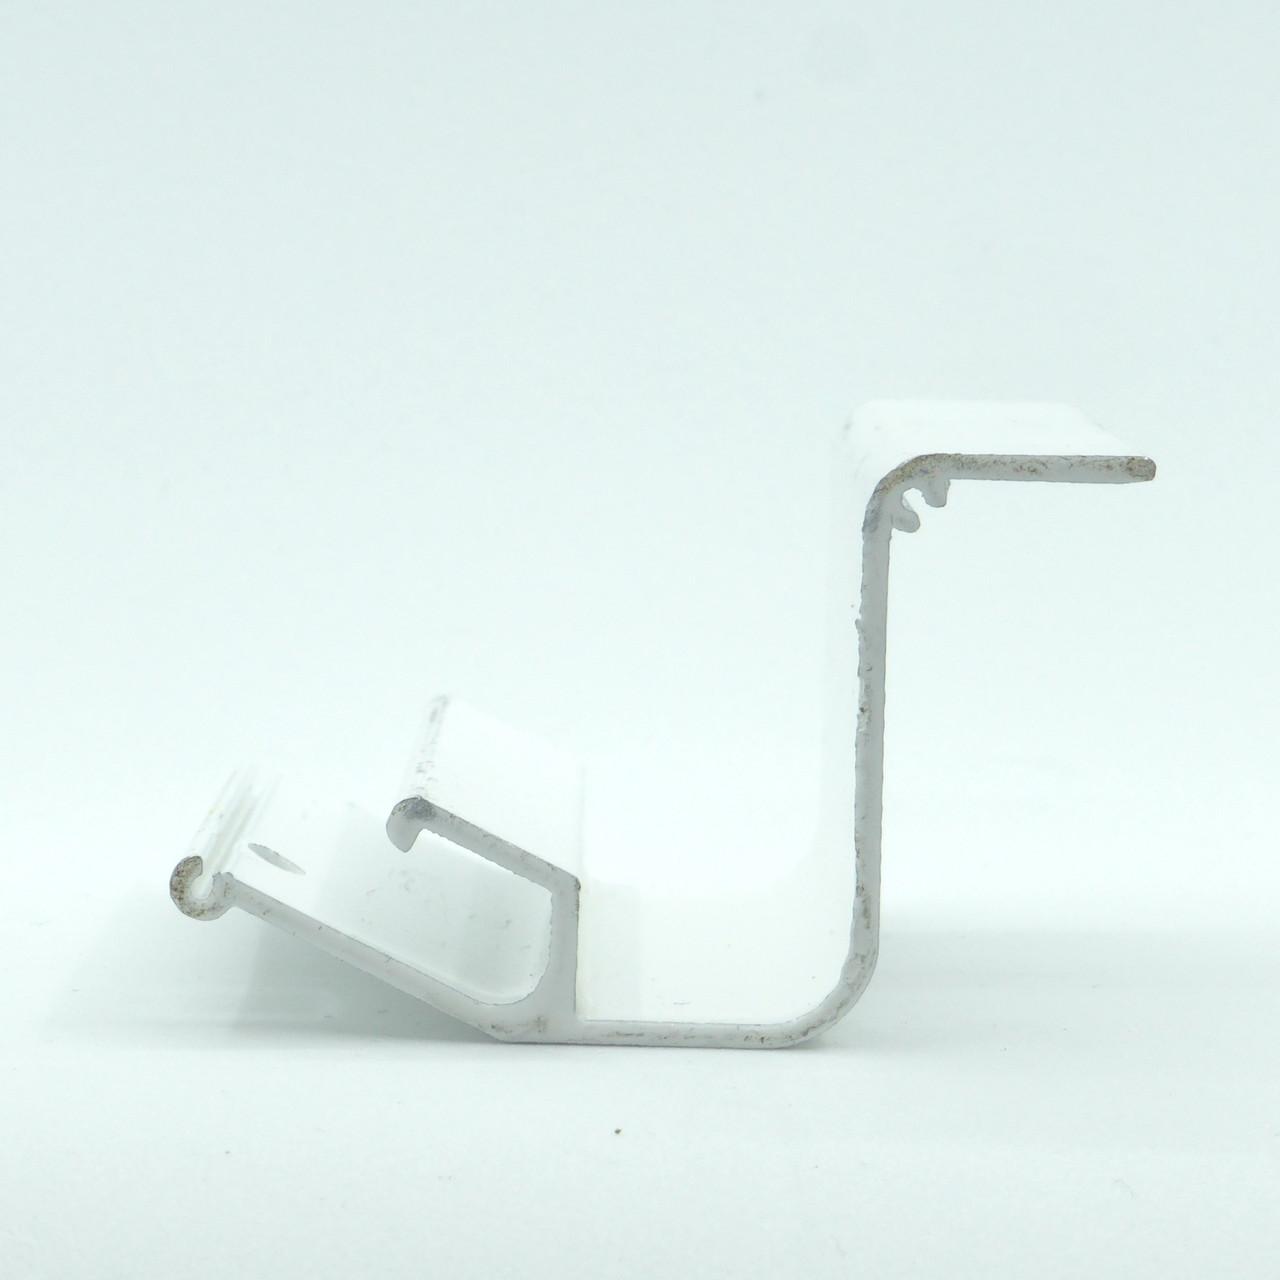 Профиль алюминиевый для натяжных потолков - парящий, усиленный, крашеный белый, без вставки №4. Длина профиля